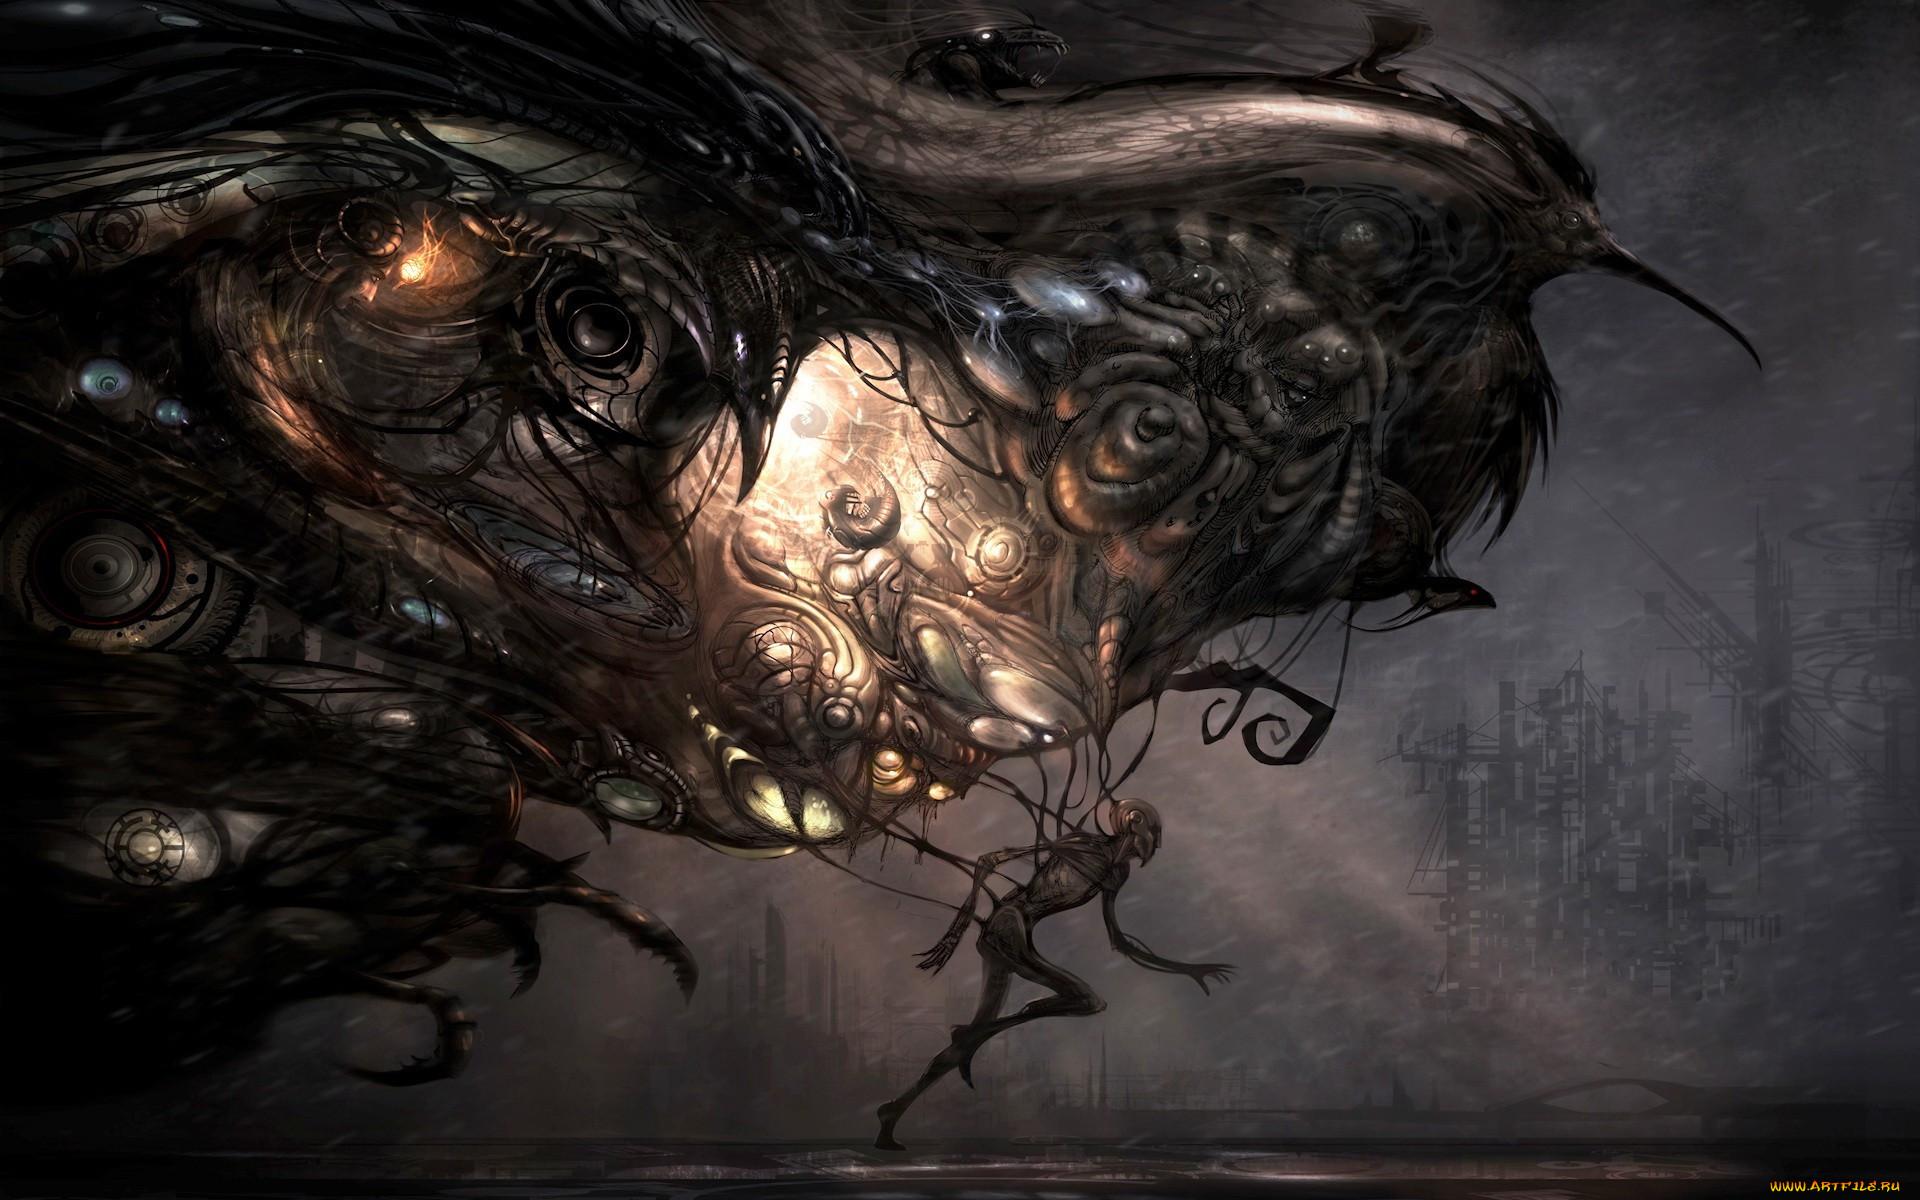 фэнтези, существа, тьма, свет, когти, птицы, бег, человек, город